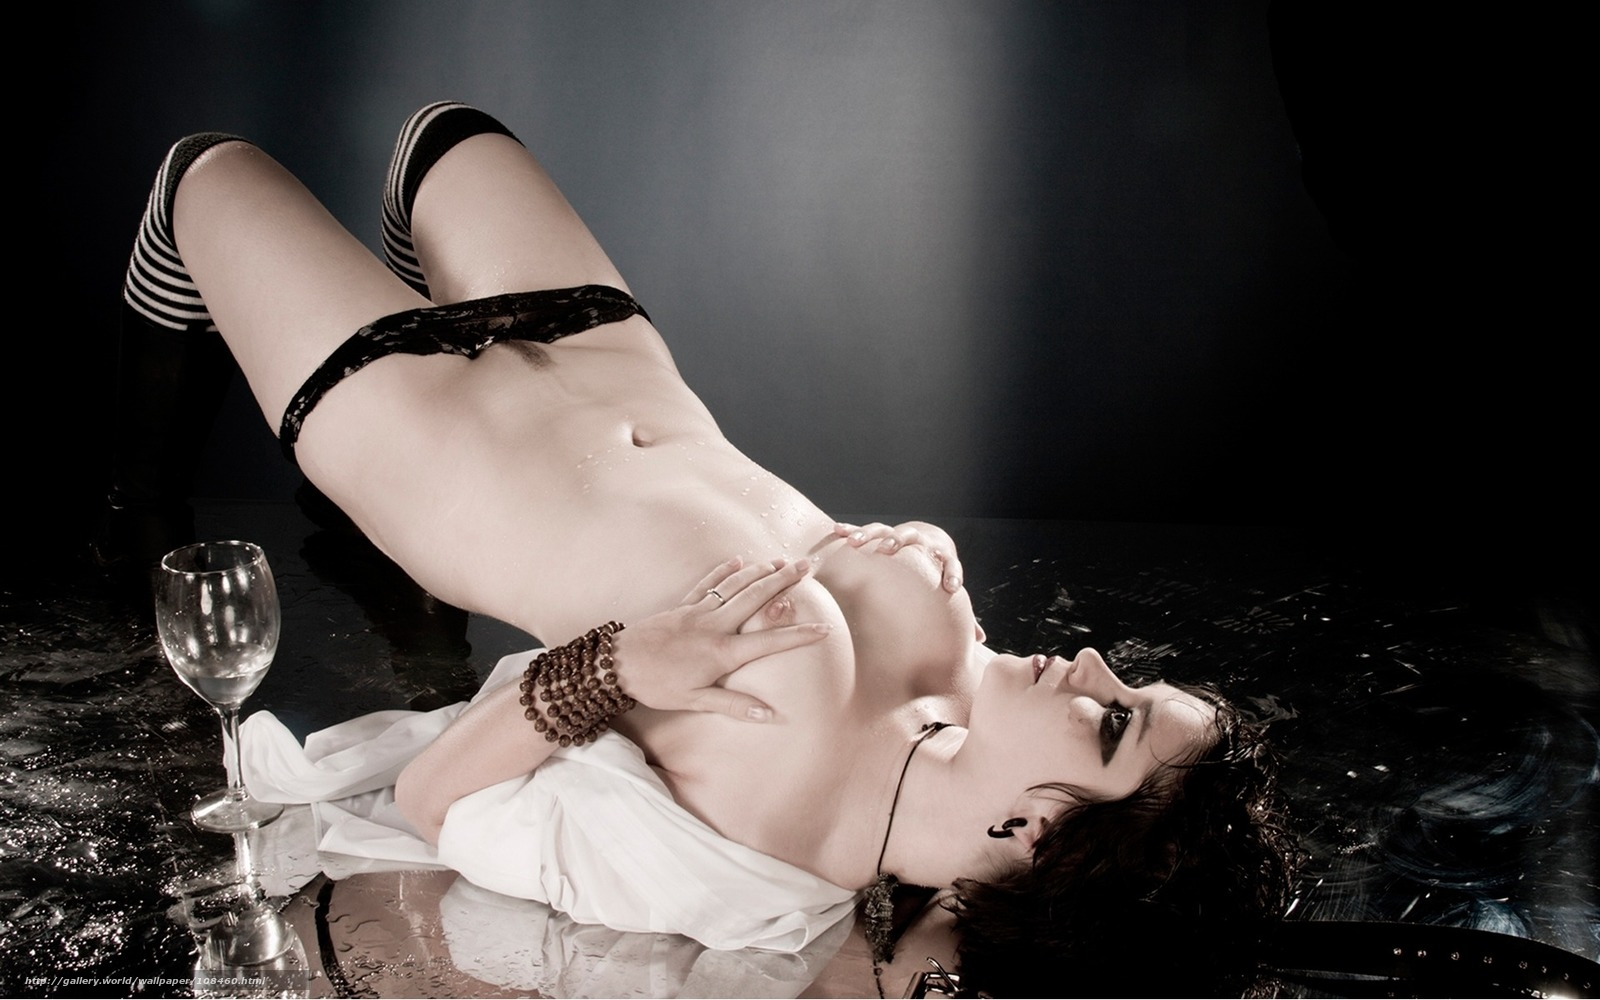 Эротика девушки в панталонах 19 фотография